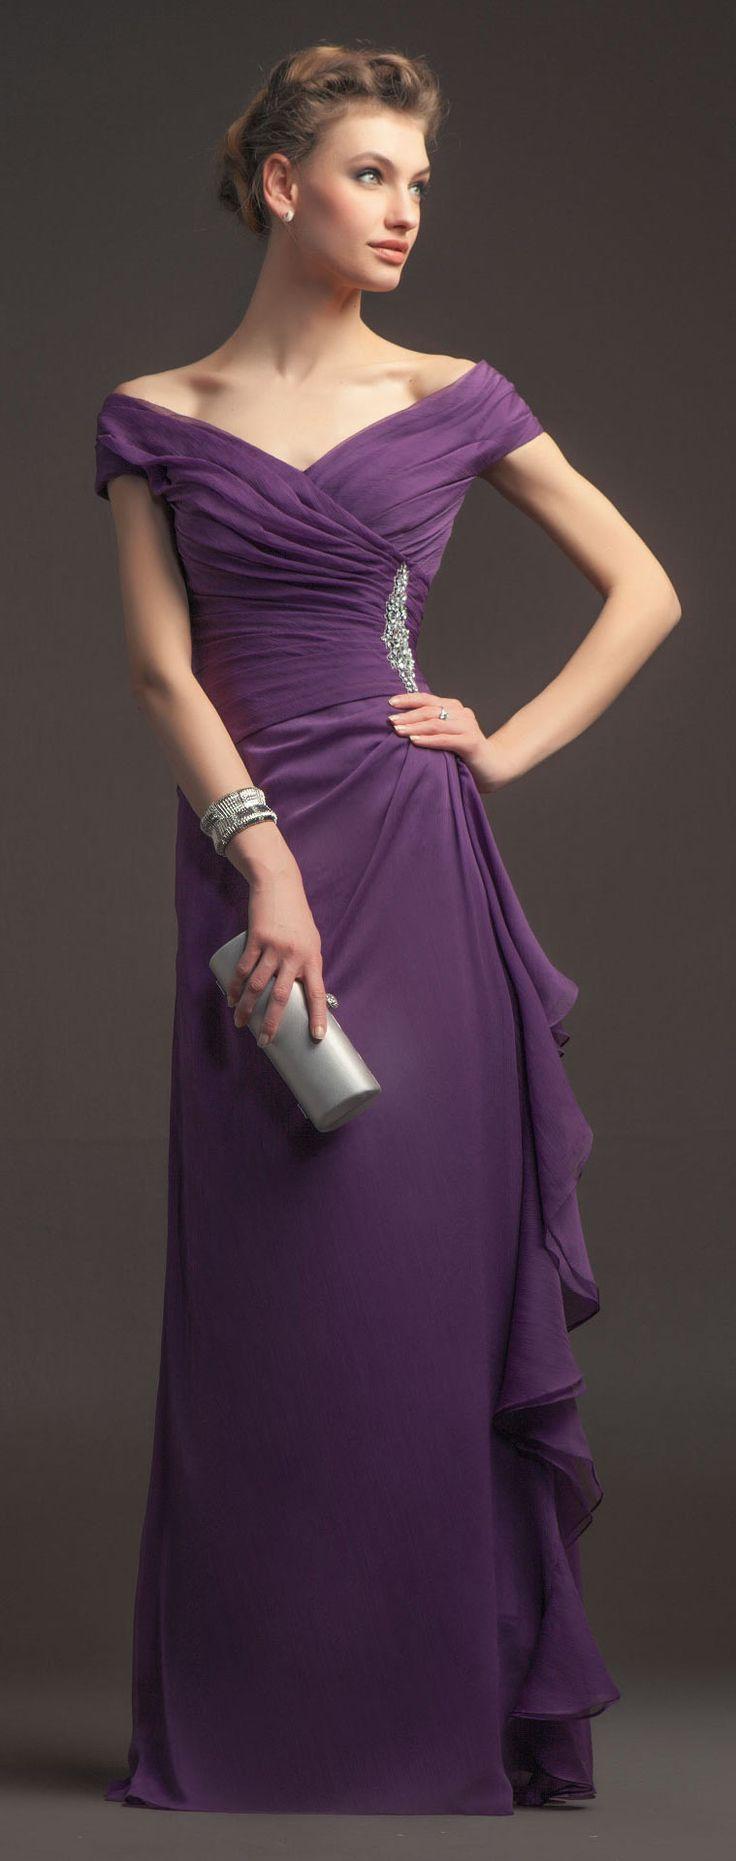 Mejores 64 imágenes de vestidos para fiestas en Pinterest | Vestidos ...